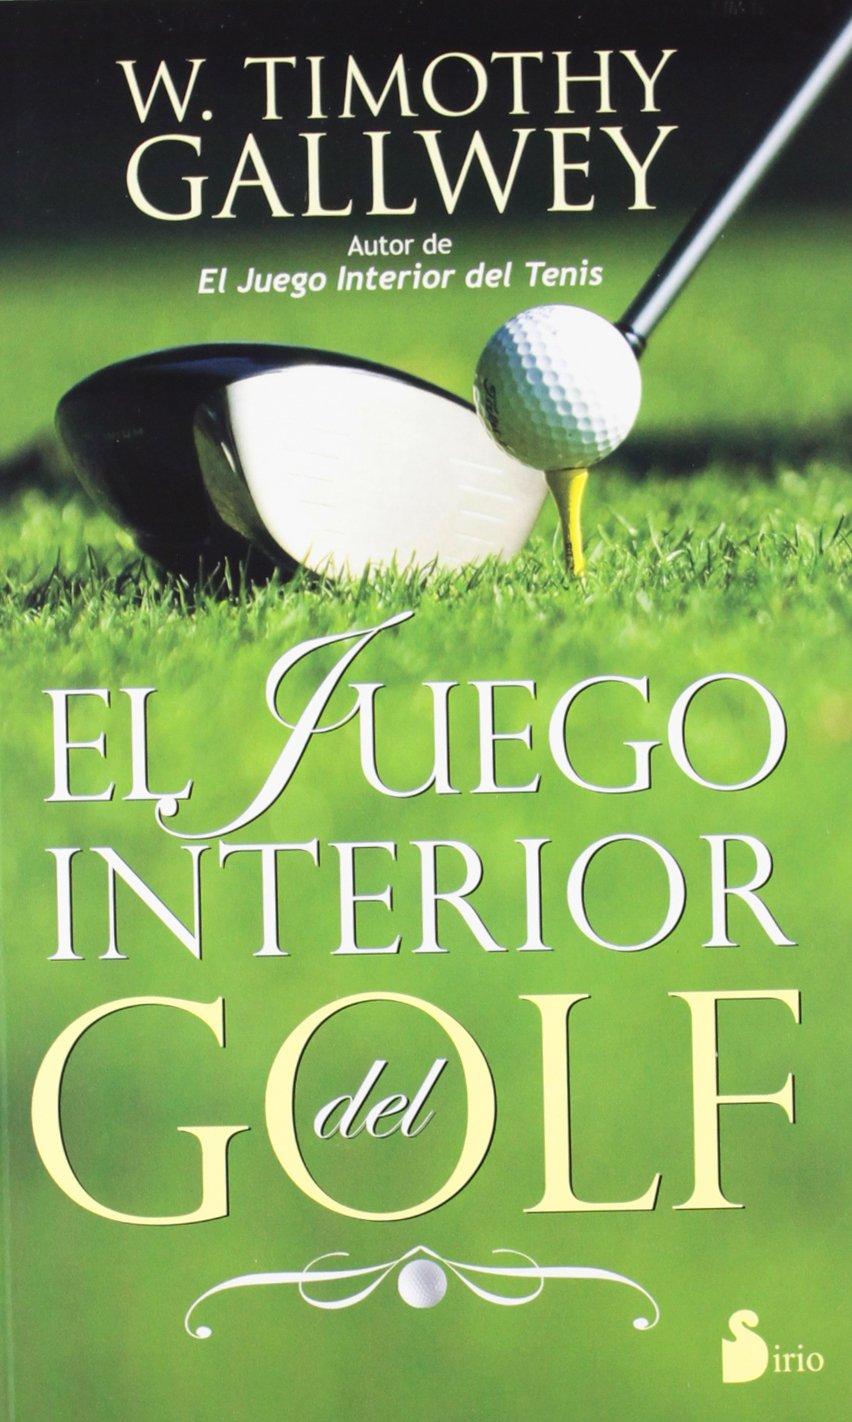 JUEGO INTERIOR DEL GOLF, EL (2012): Amazon.es: W TIMOTHY GALLWEY, Antonio  Luis Gómez Molero: Libros